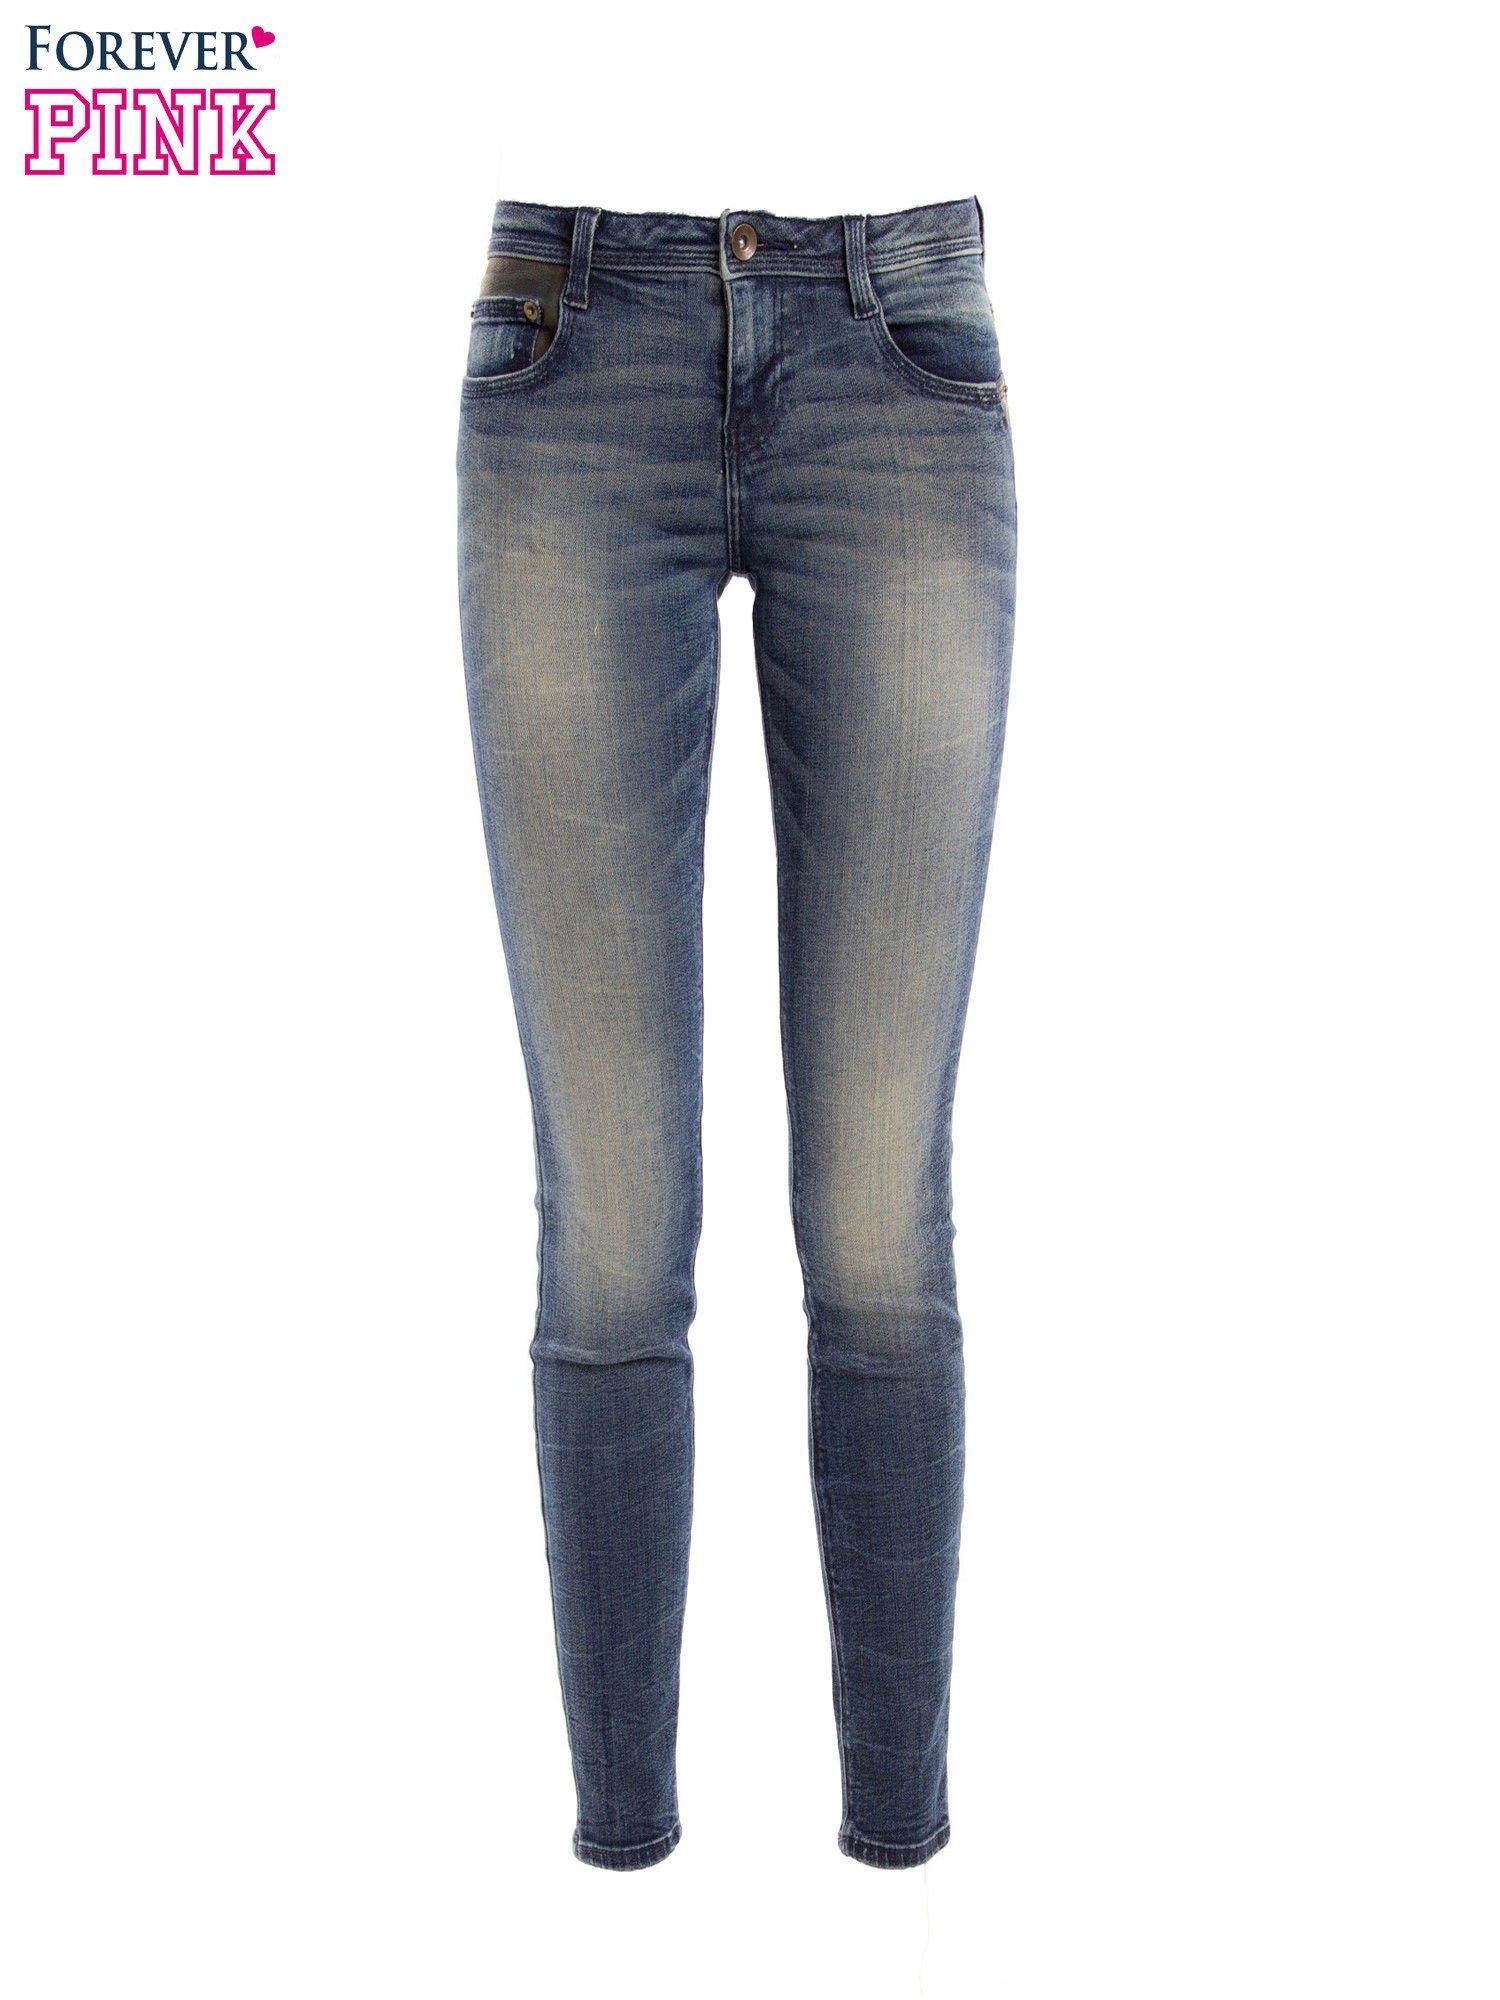 Ciemnoniebieskie jeansy rurki z ozdobną tylną kieszenią ze skóry                                  zdj.                                  2